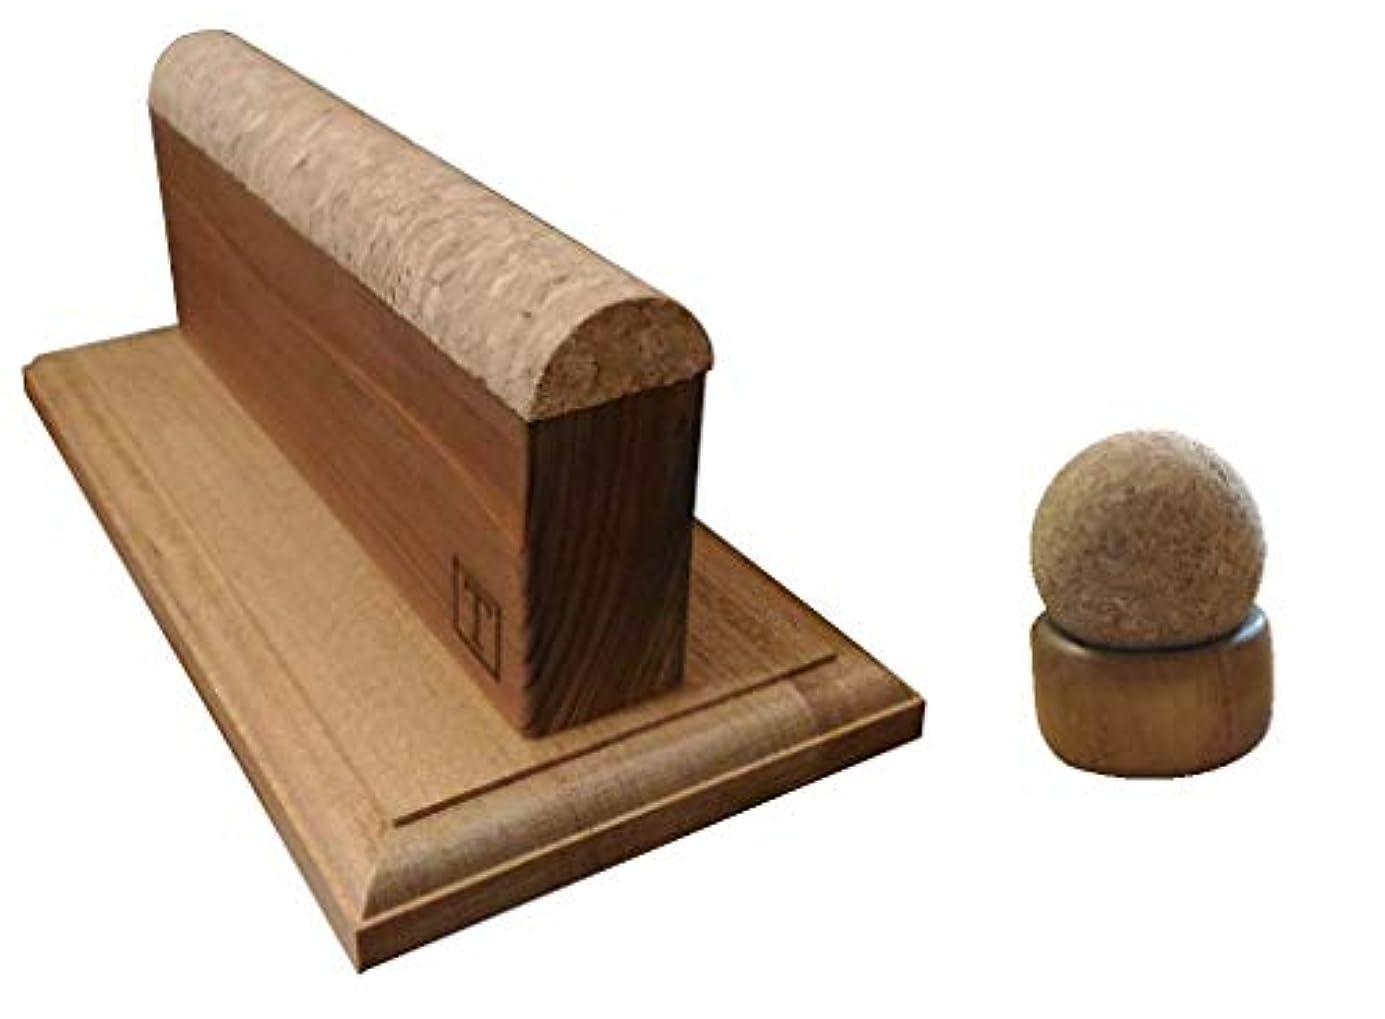 『揉みの木シリーズ 極 & 腰きらりのセット』脇 肩甲骨外側 首 ふくらはぎ 側頭部 顔 腰 骨盤等 セルフマッサージを強力にサポート